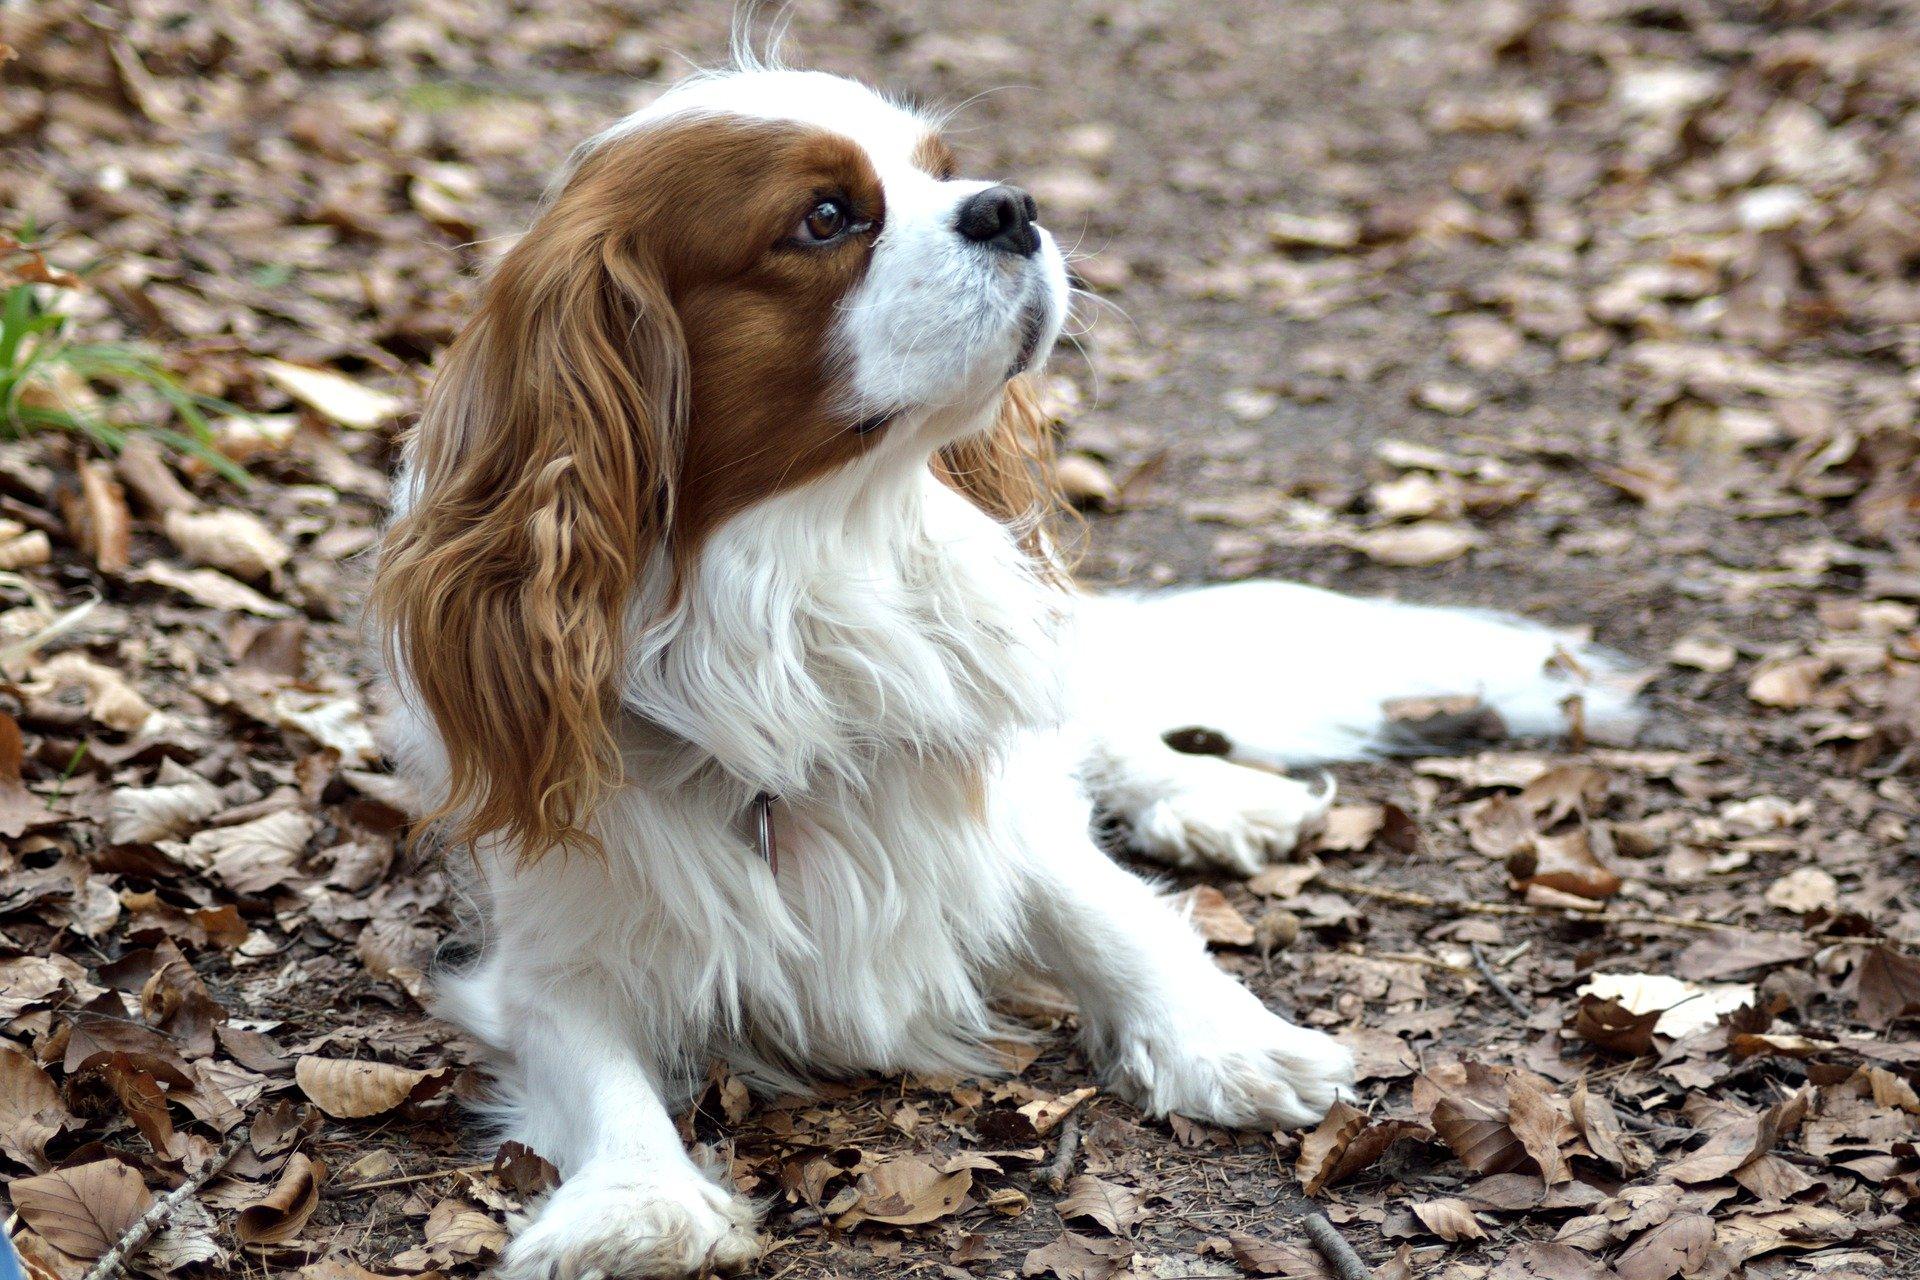 Mon chien boîte : comment le soulager?